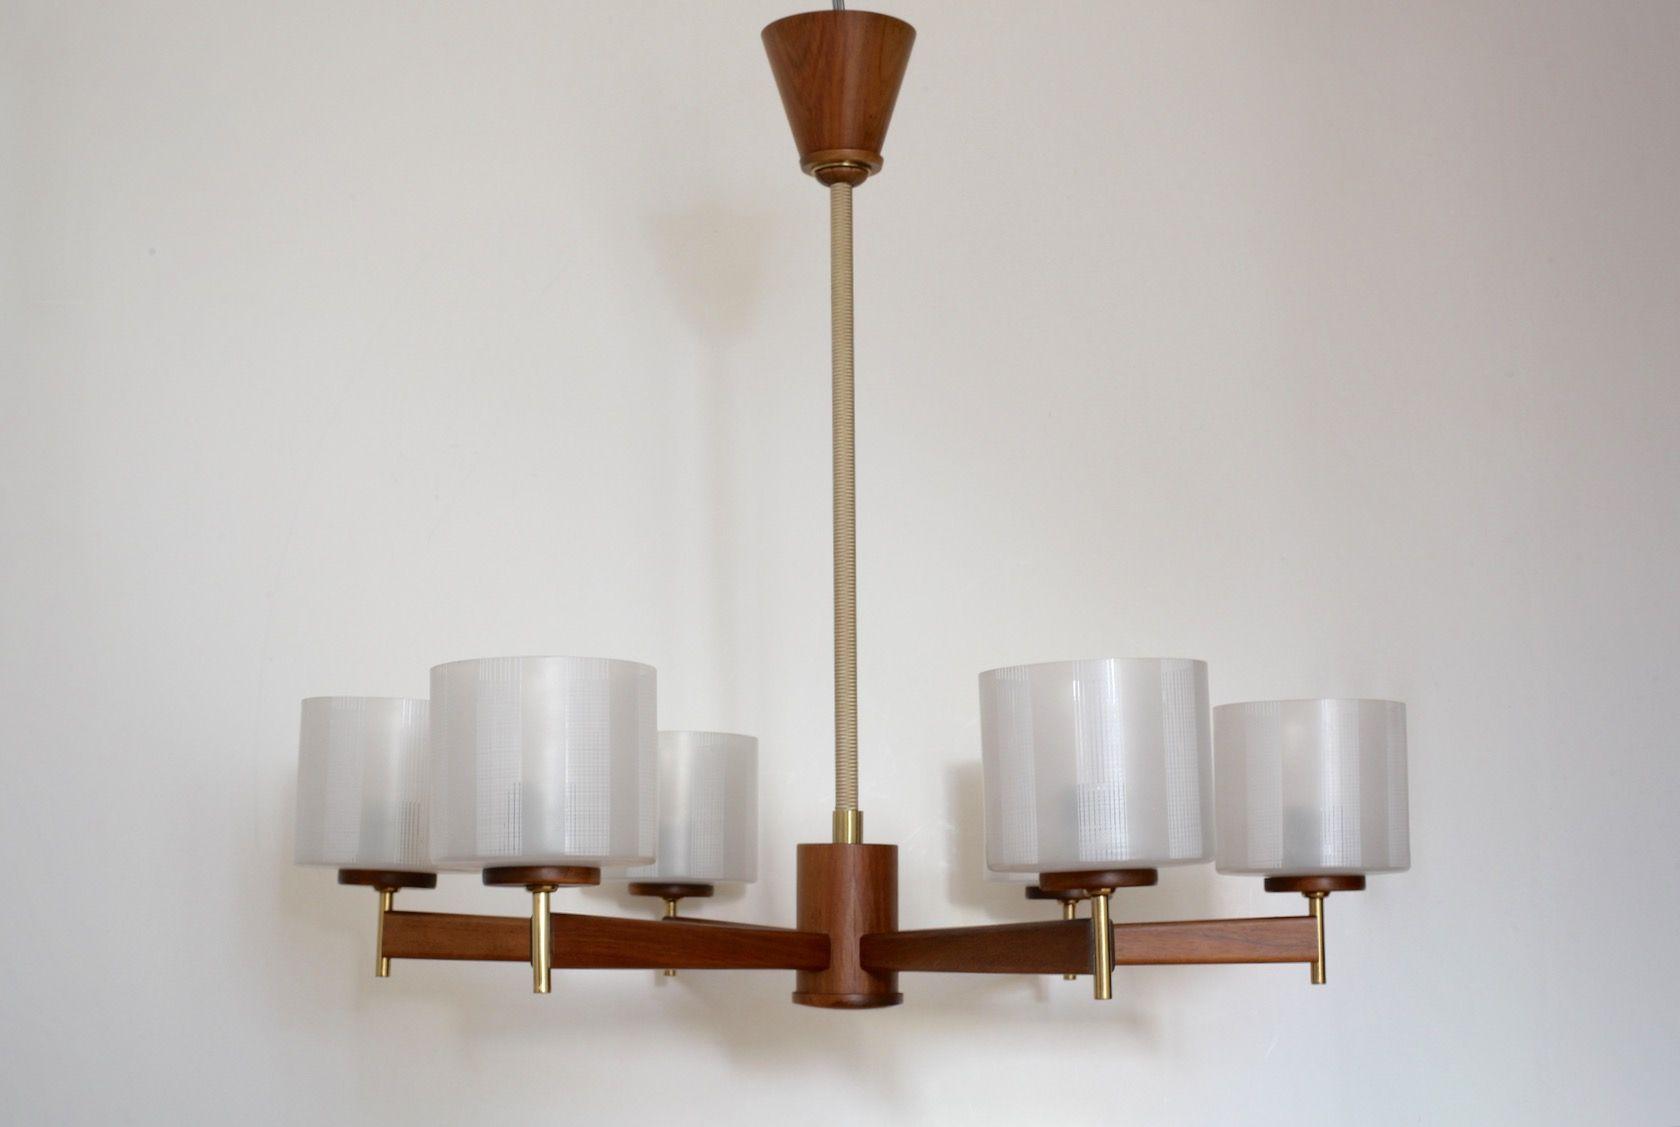 Vintage Walnuss Furnier Deckenlampe mit Messing Details von Temde, 195...